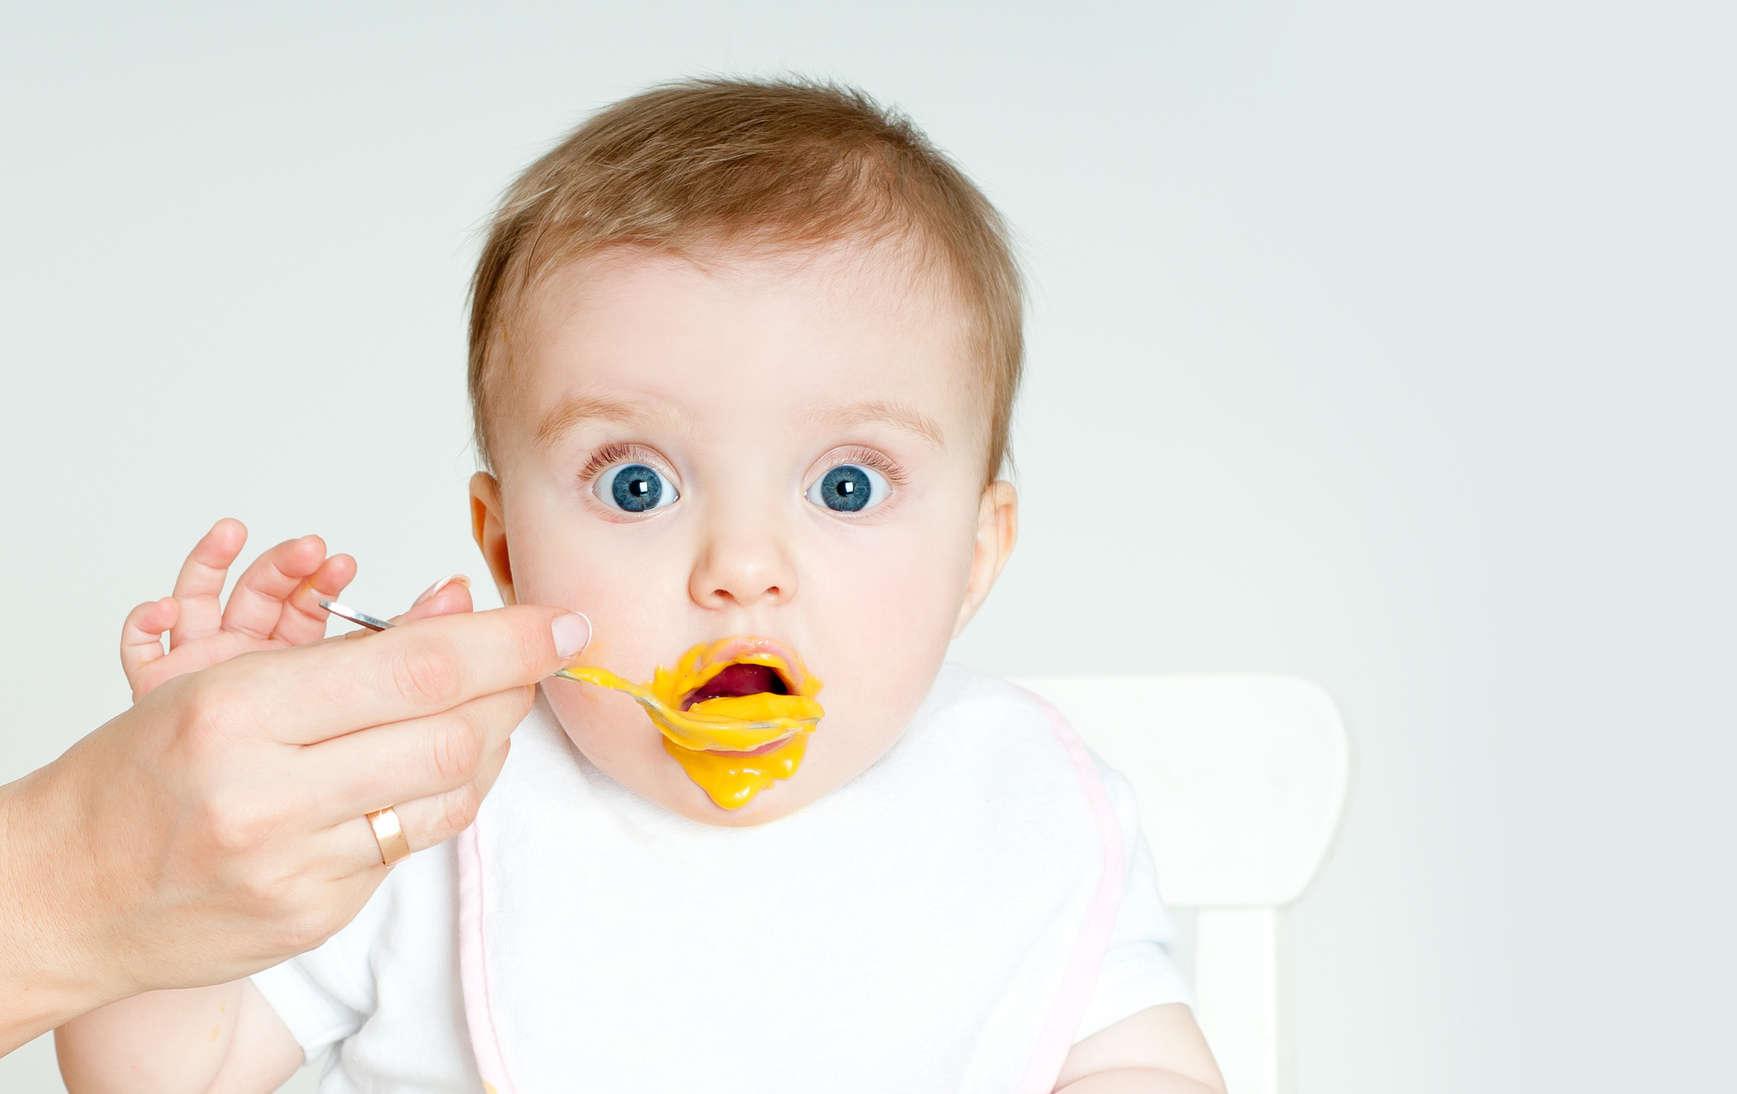 Прикольные картинки детское питание, коробочку своими